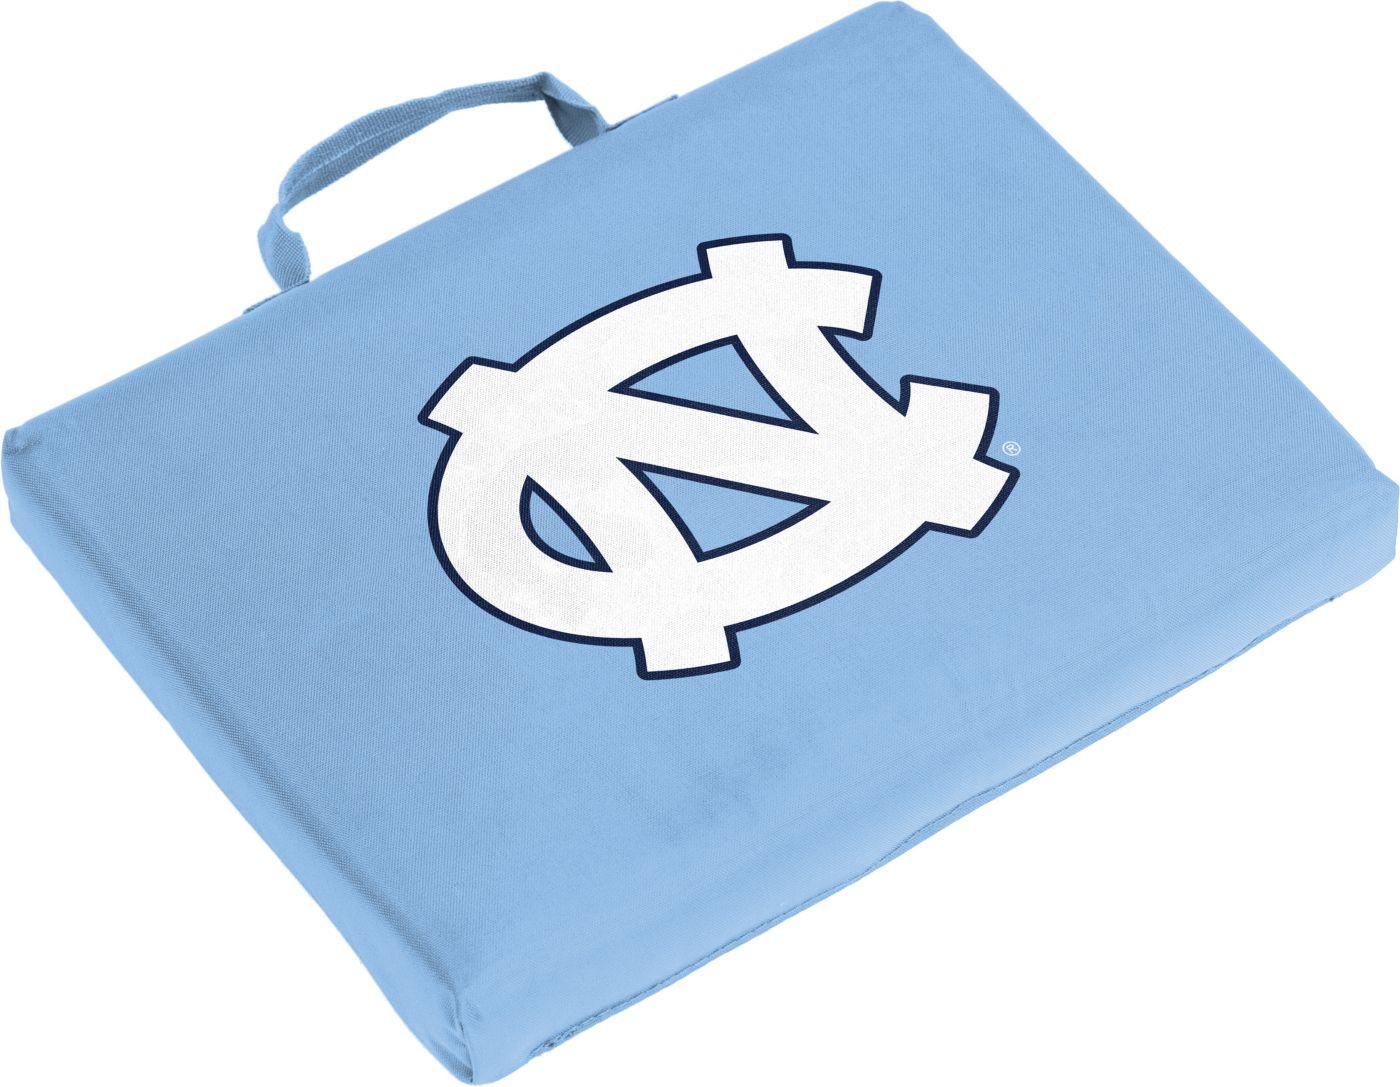 North Carolina Tar Heels Bleacher Cushion